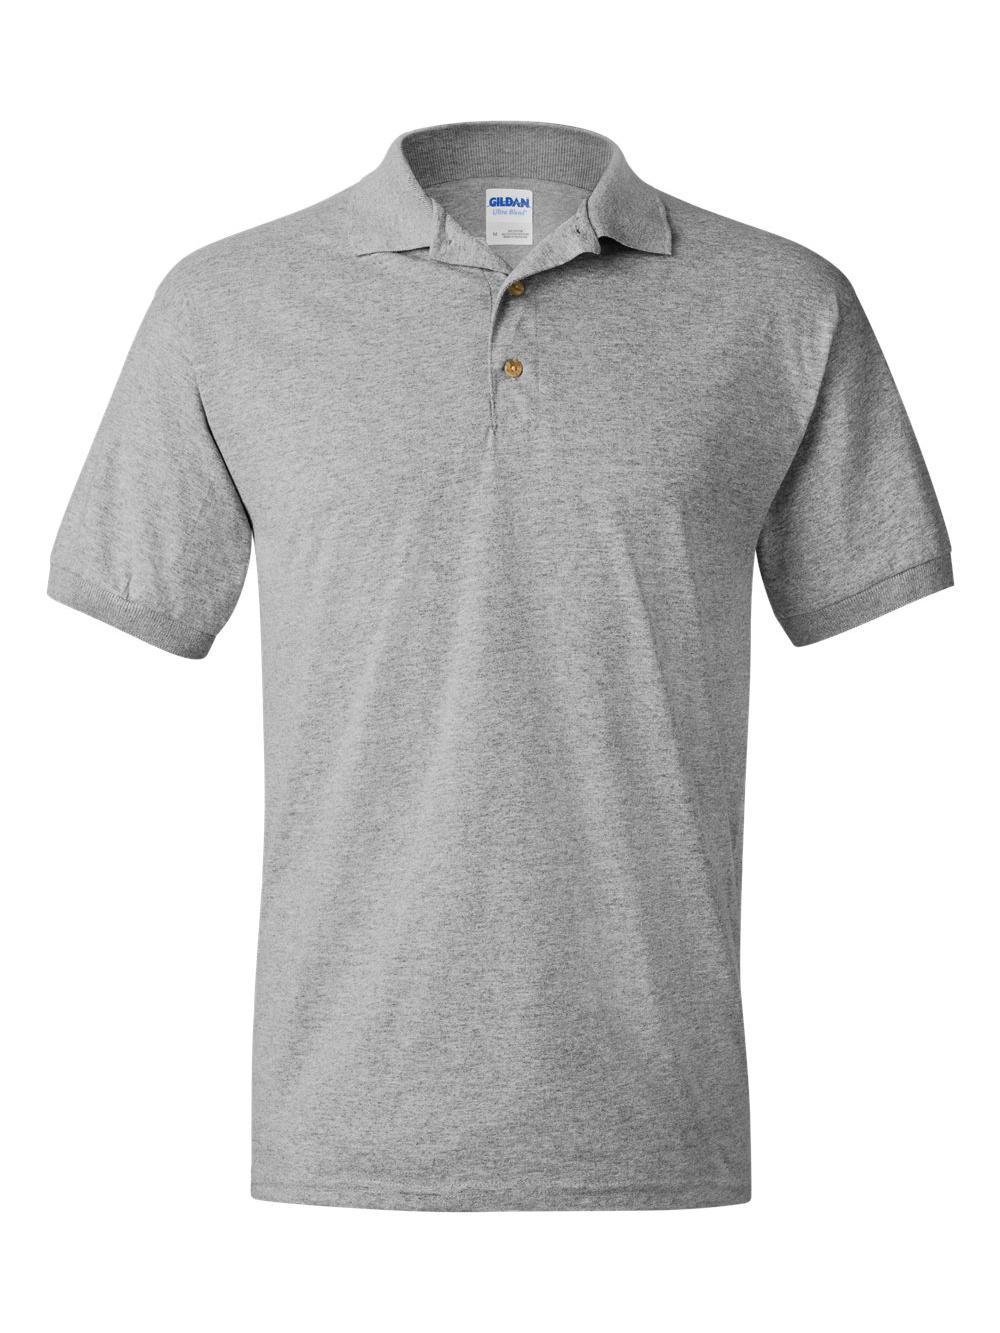 Gildan-DryBlend-Jersey-Sport-Shirt-8800 thumbnail 78